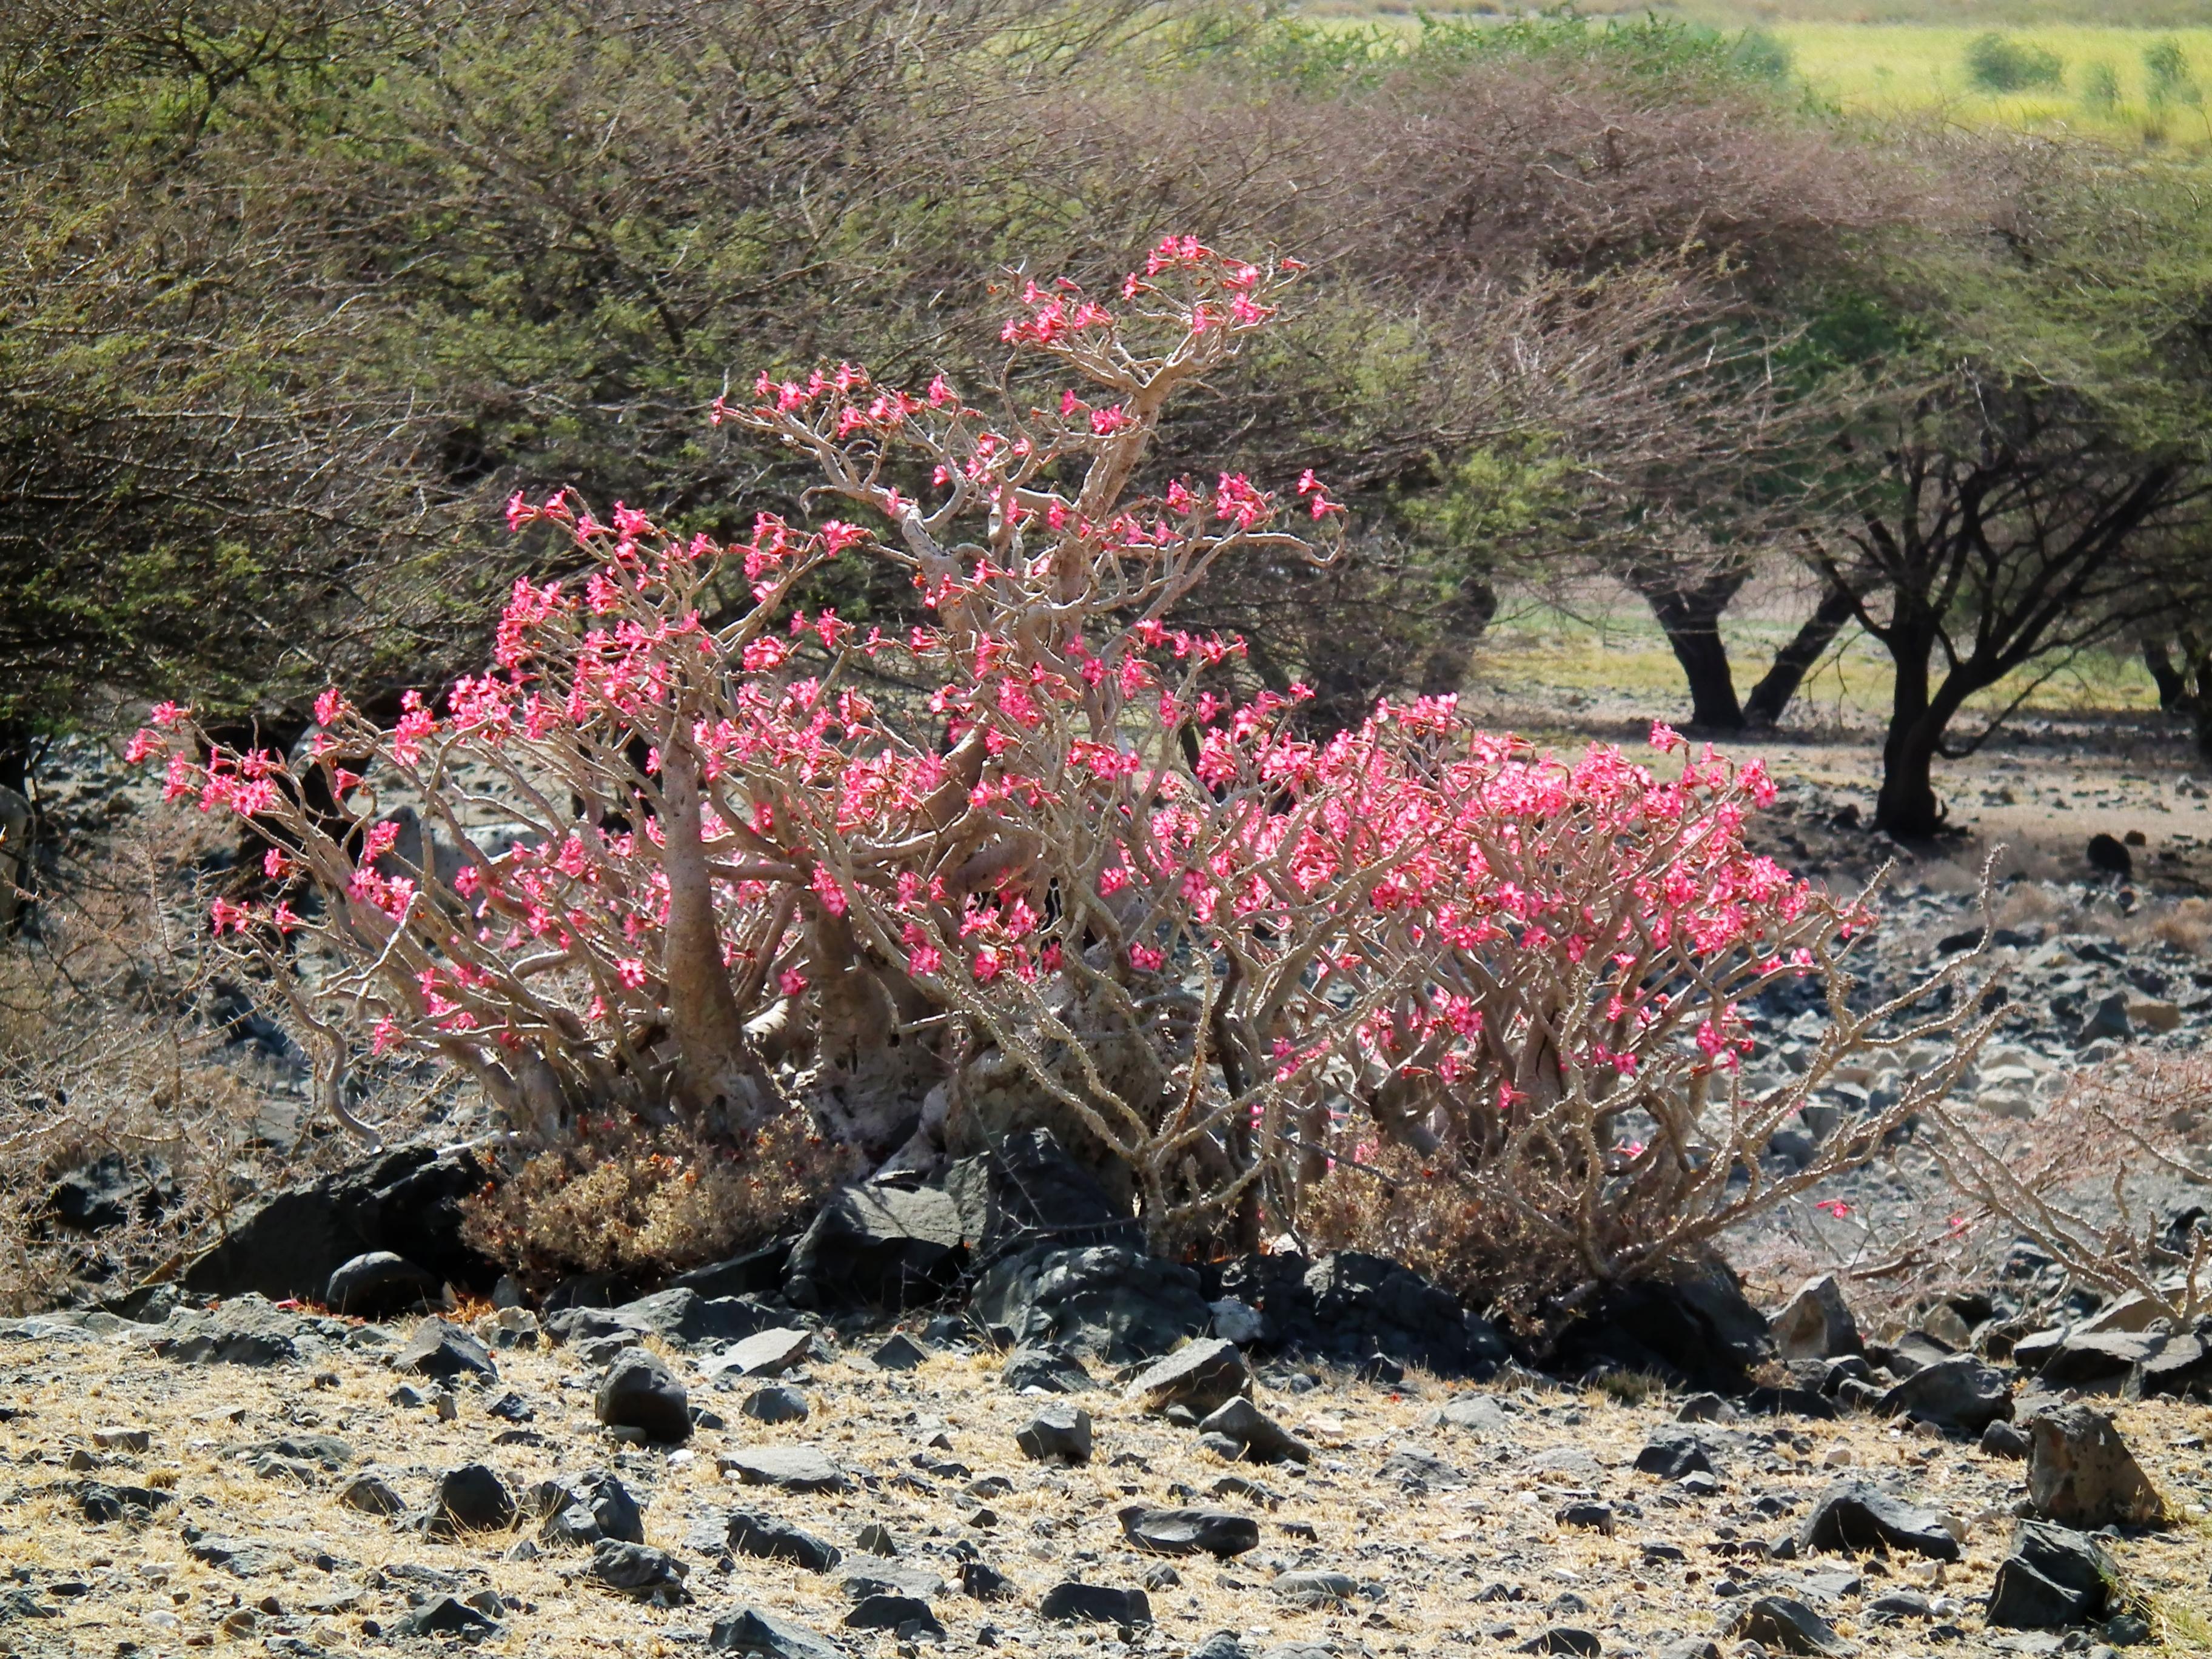 Alfabetiese lys van SuidAfrikaanse bome  Wikipedia